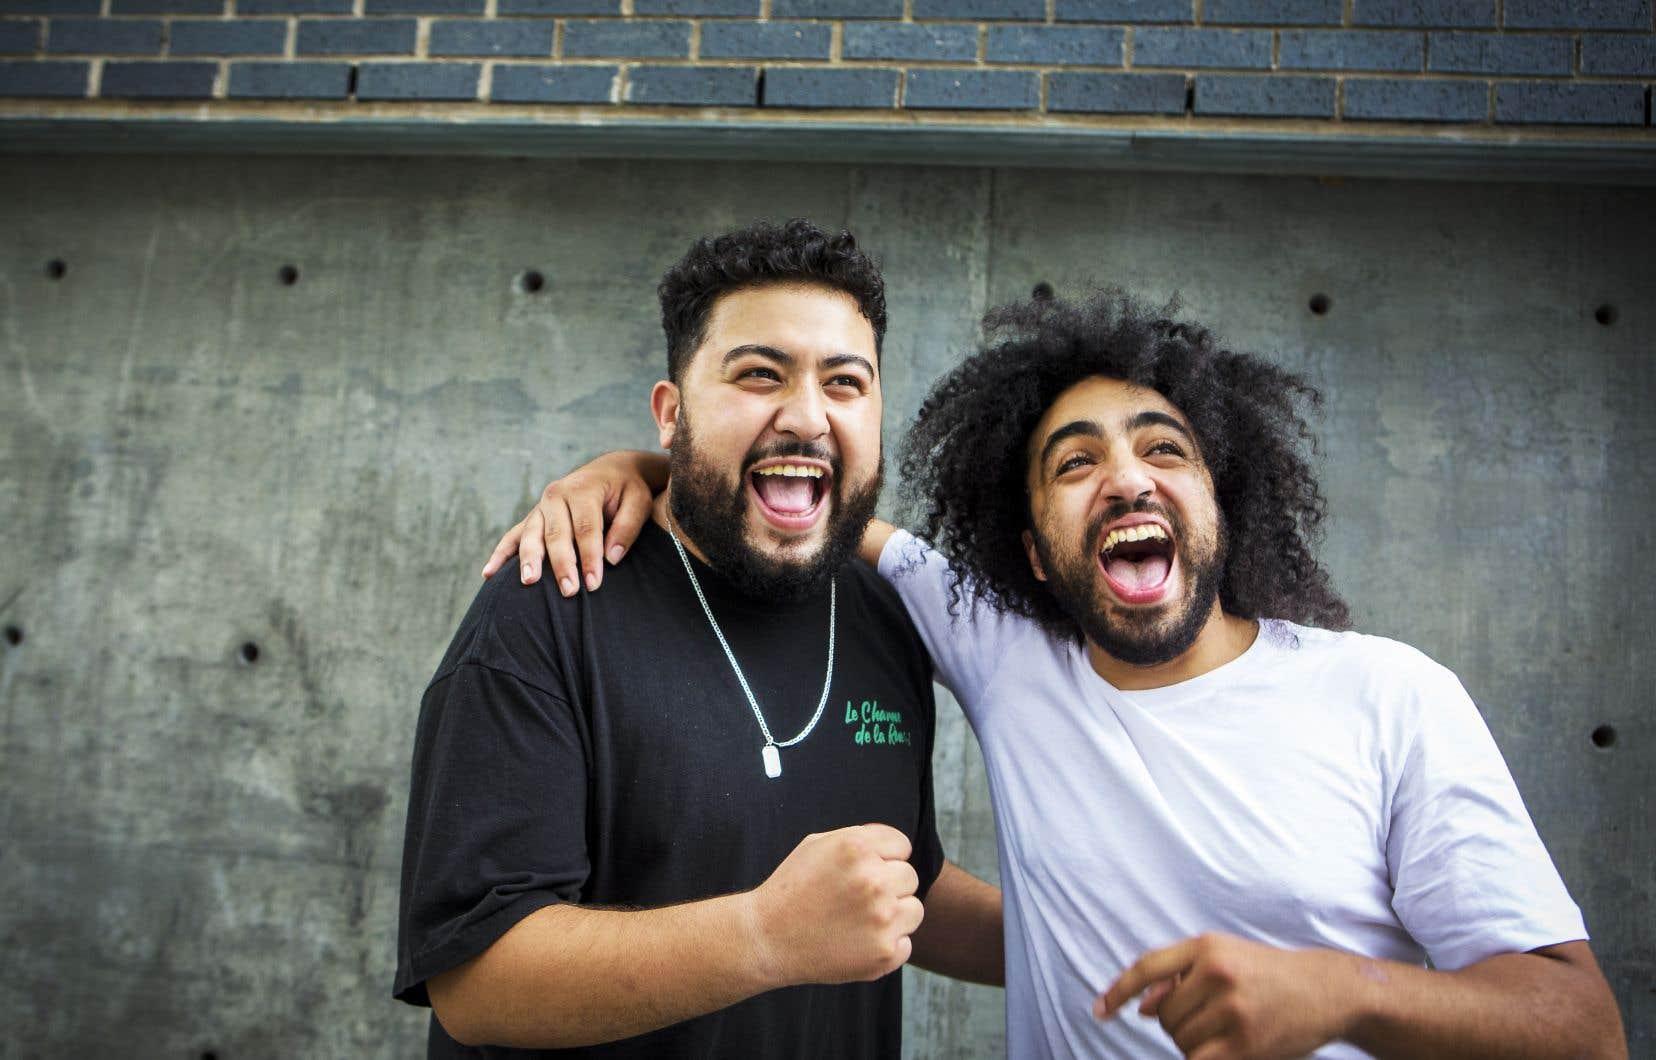 Oussama Fares et Anas Hassouna, tous deux humoristes de 27 ans, sont les têtes d'affiche du «Fishnet Show», présenté au Zoofest, qui s'est amorcé jeudi. Ils coaniment aussi «On est là», un talk-show webdiffusé depuis l'Olympia cet été.